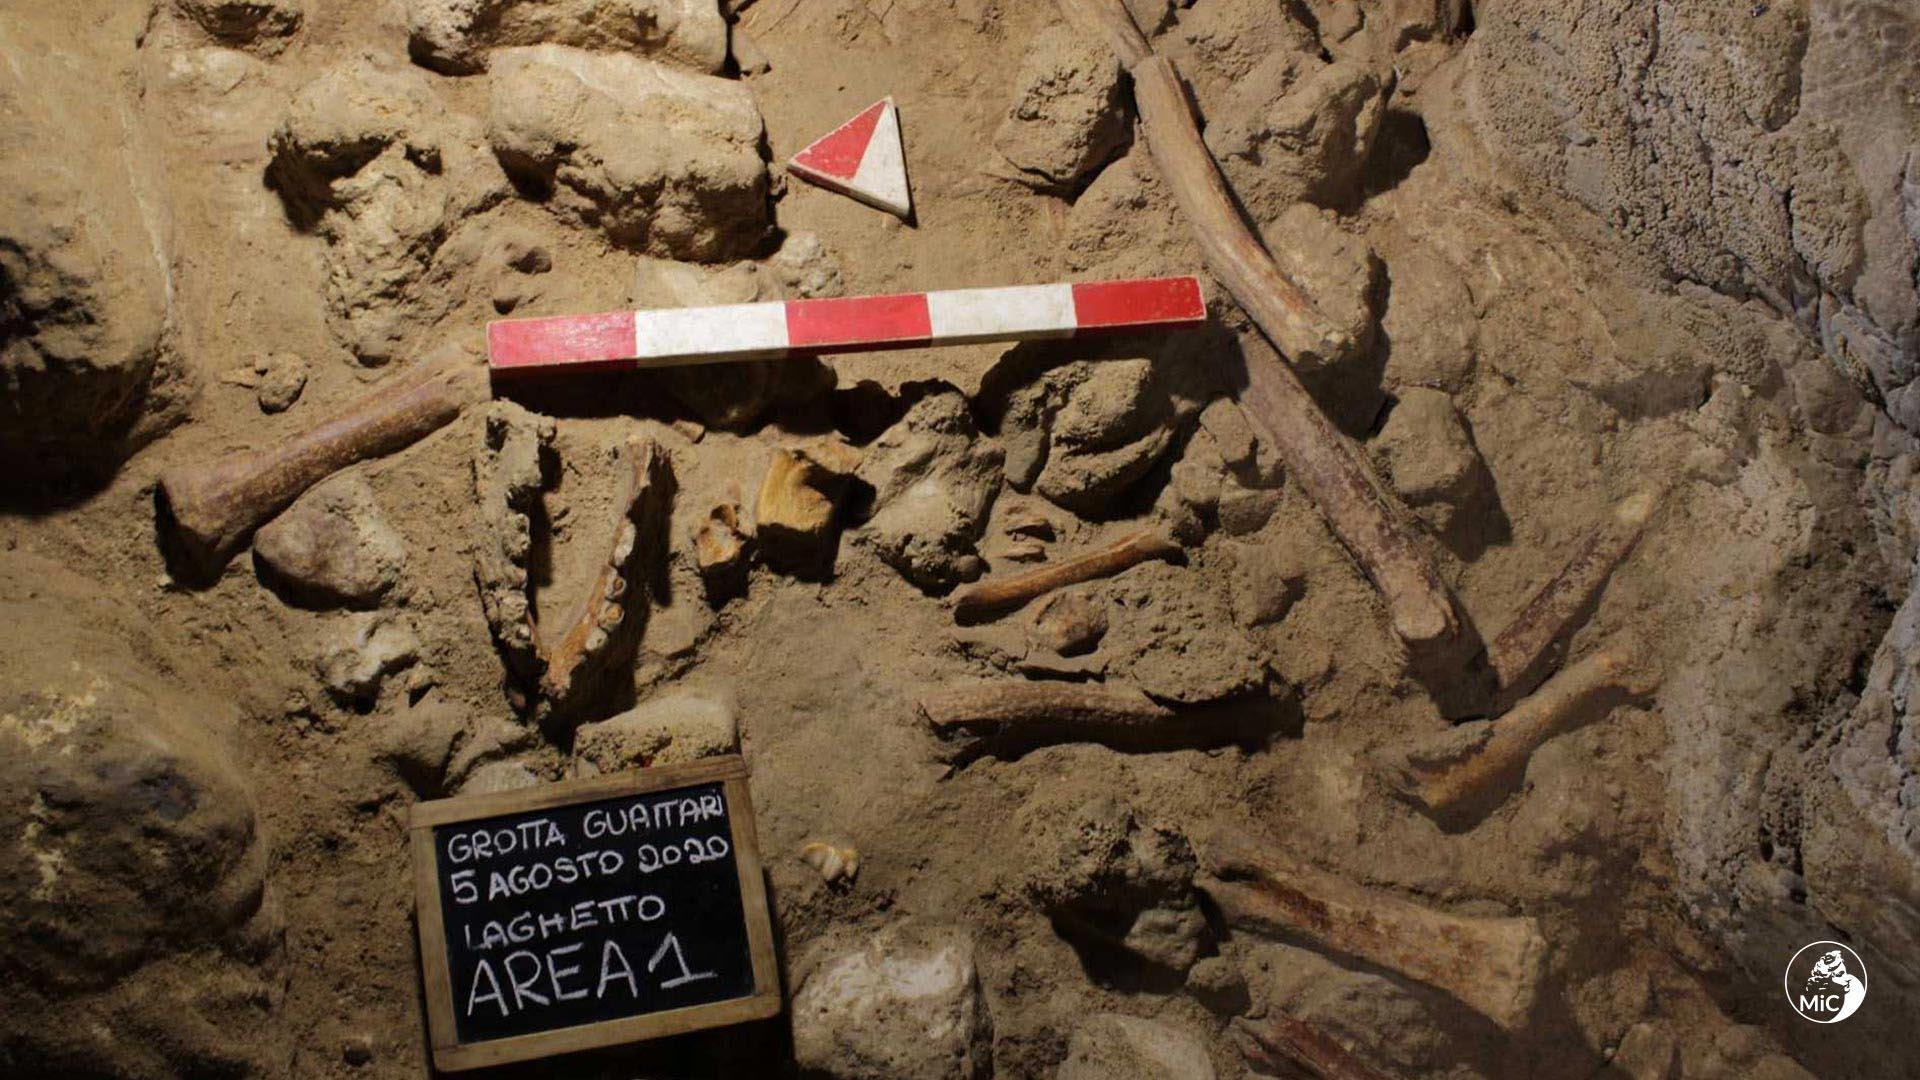 Circeo, ritrovati i resti di nove uomini di Neanderthal nella Grotta Guattari